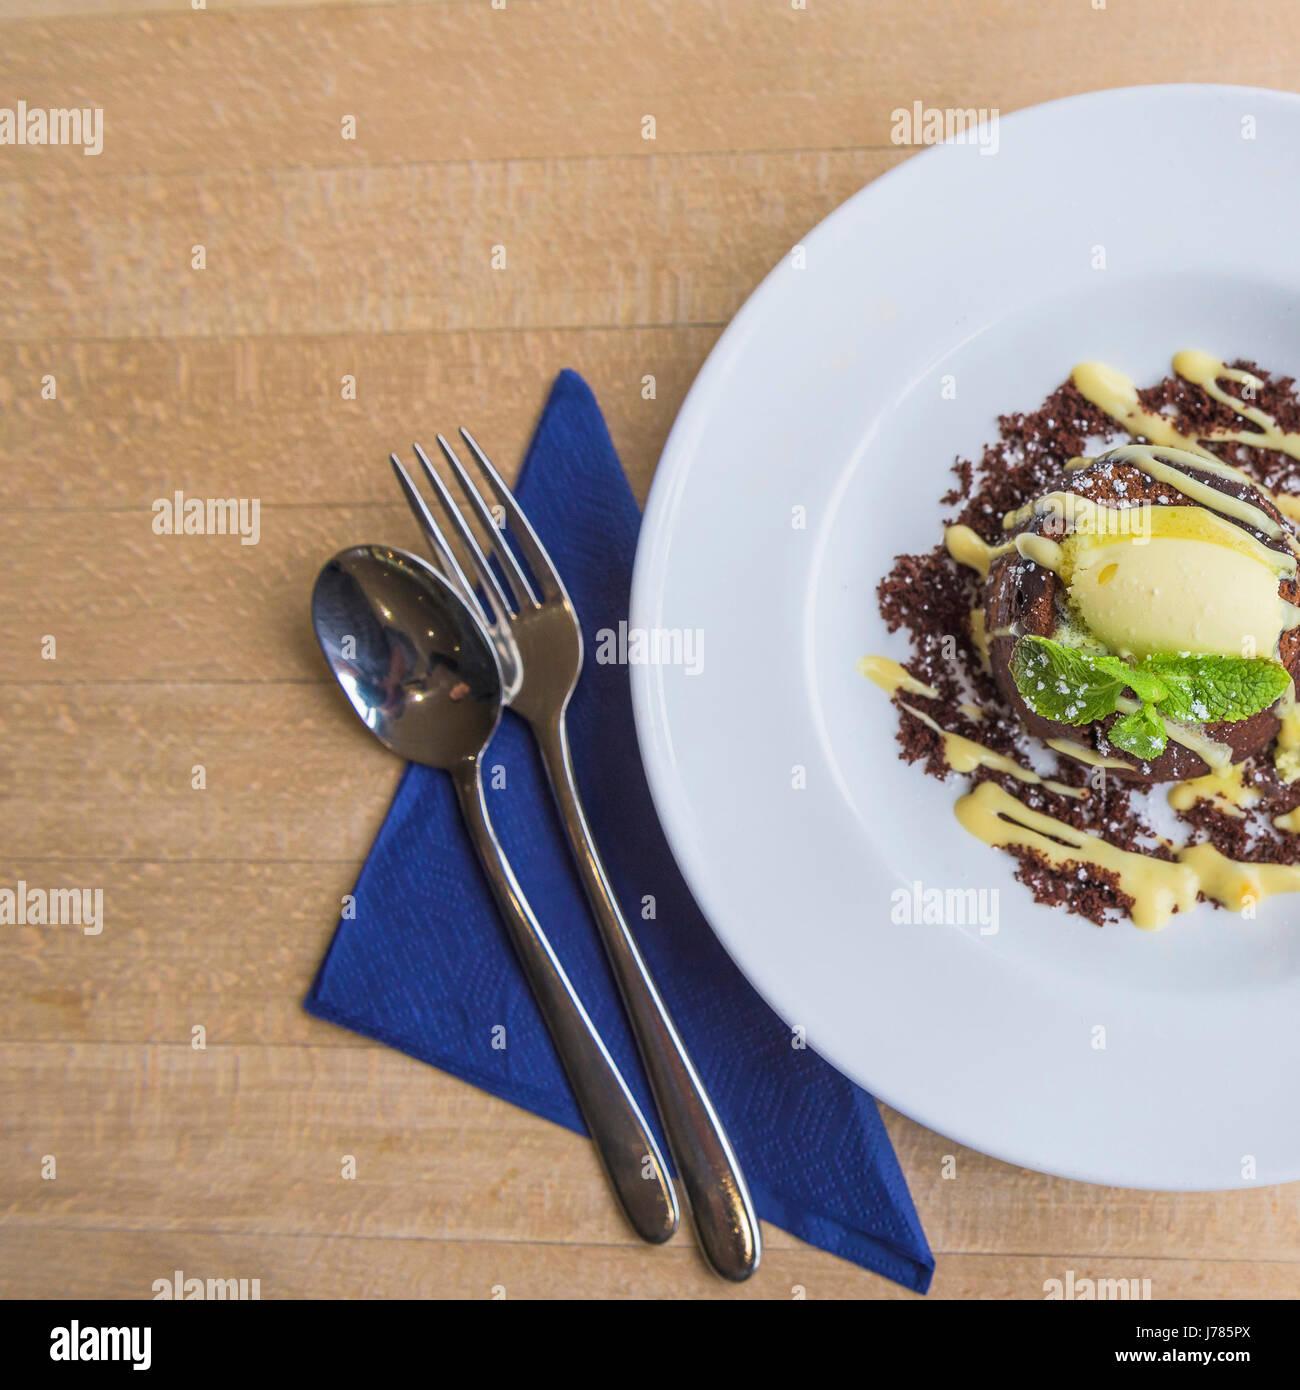 Une vue de dessus d'un dessert servi dans un restaurant; l'alimentation;;; Pudding Photo Stock